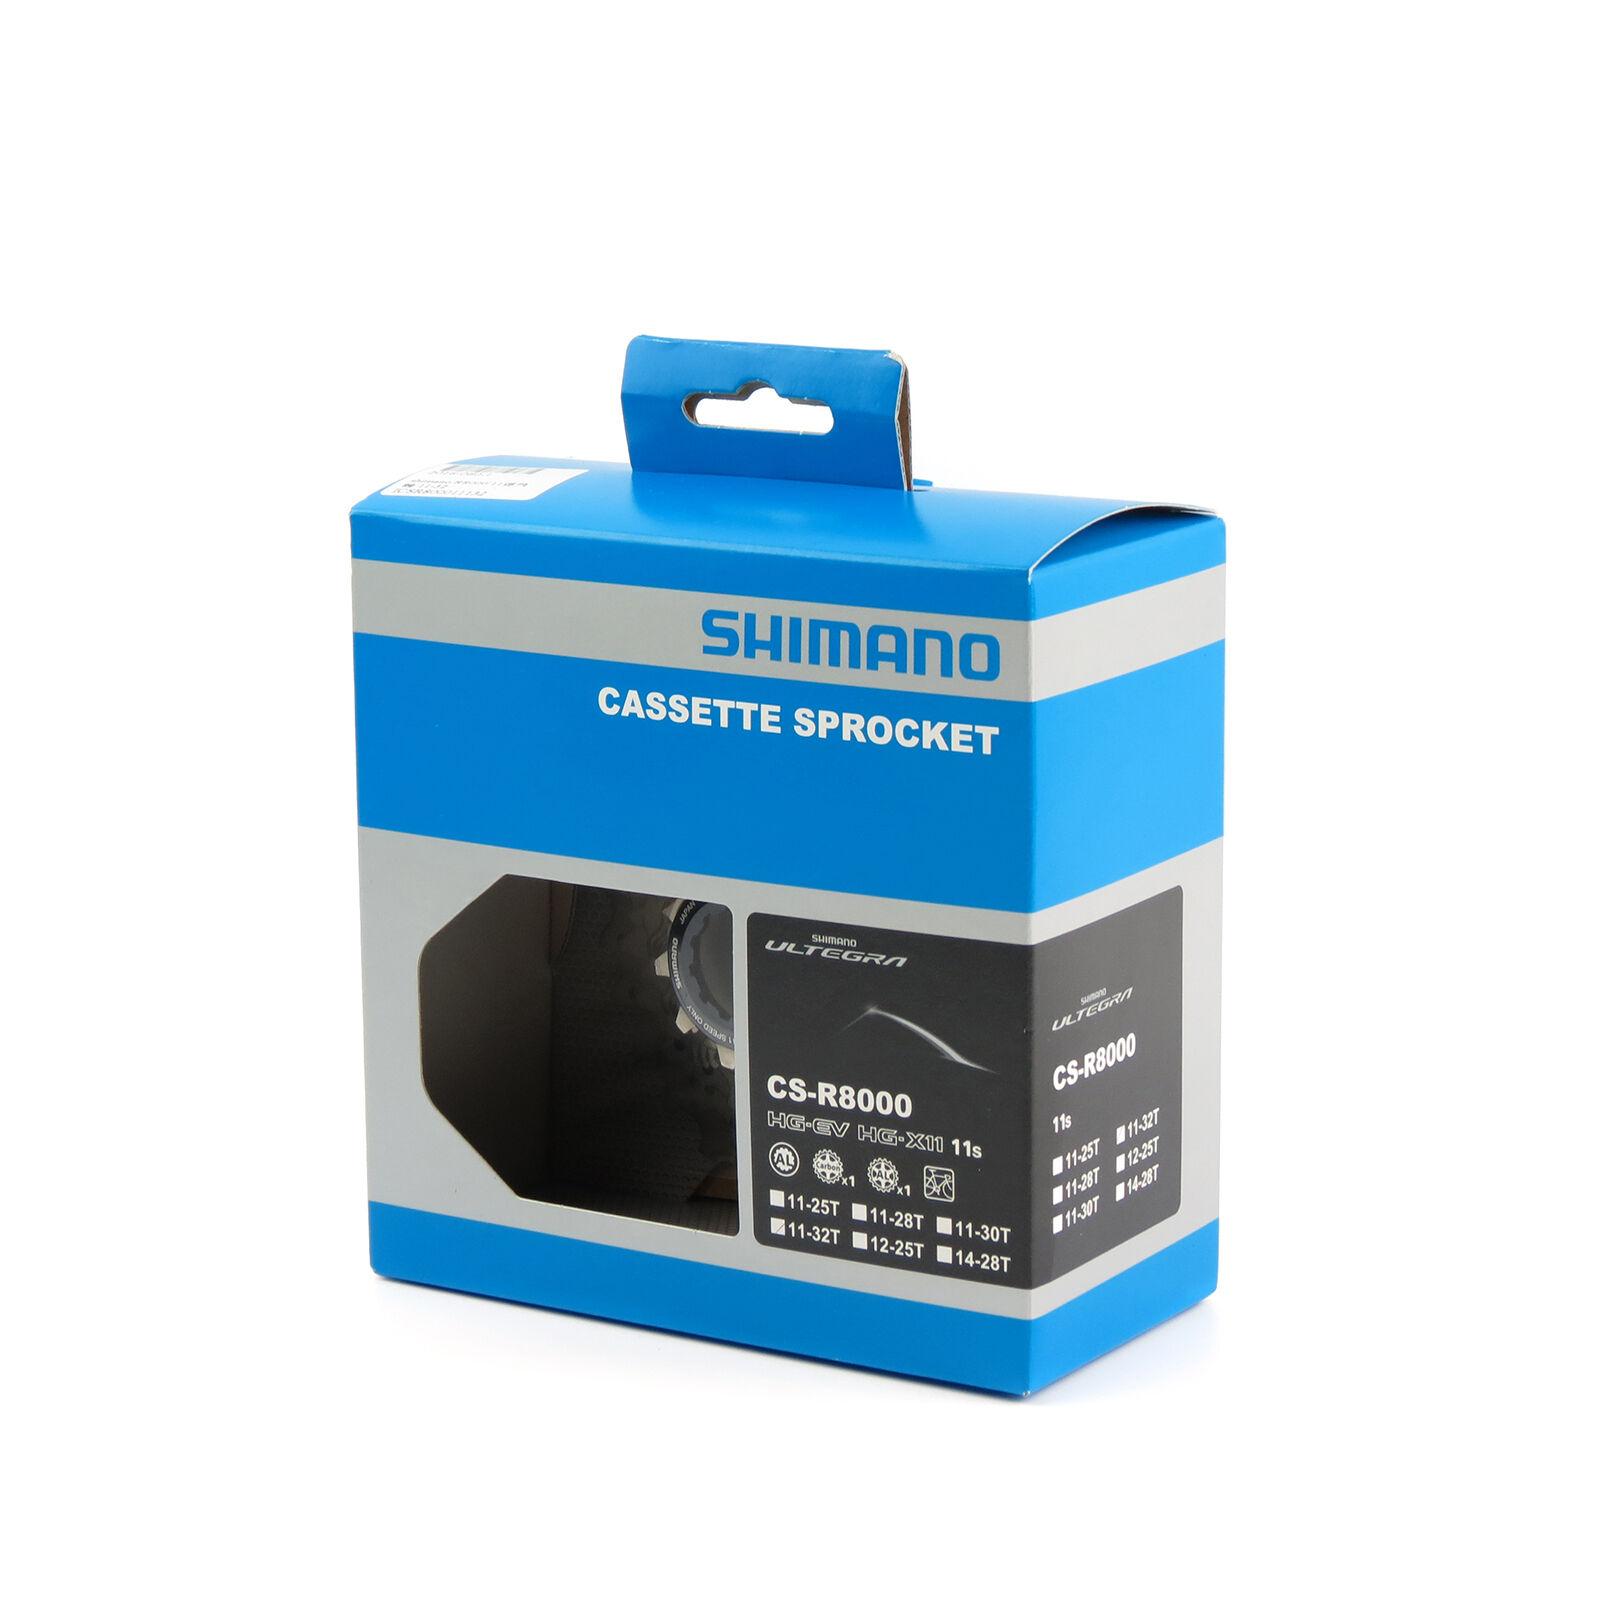 Shimano Ultegra CS-R8000 11 Speed Road Bike Cassette Freewheel - 11-32T (Box)